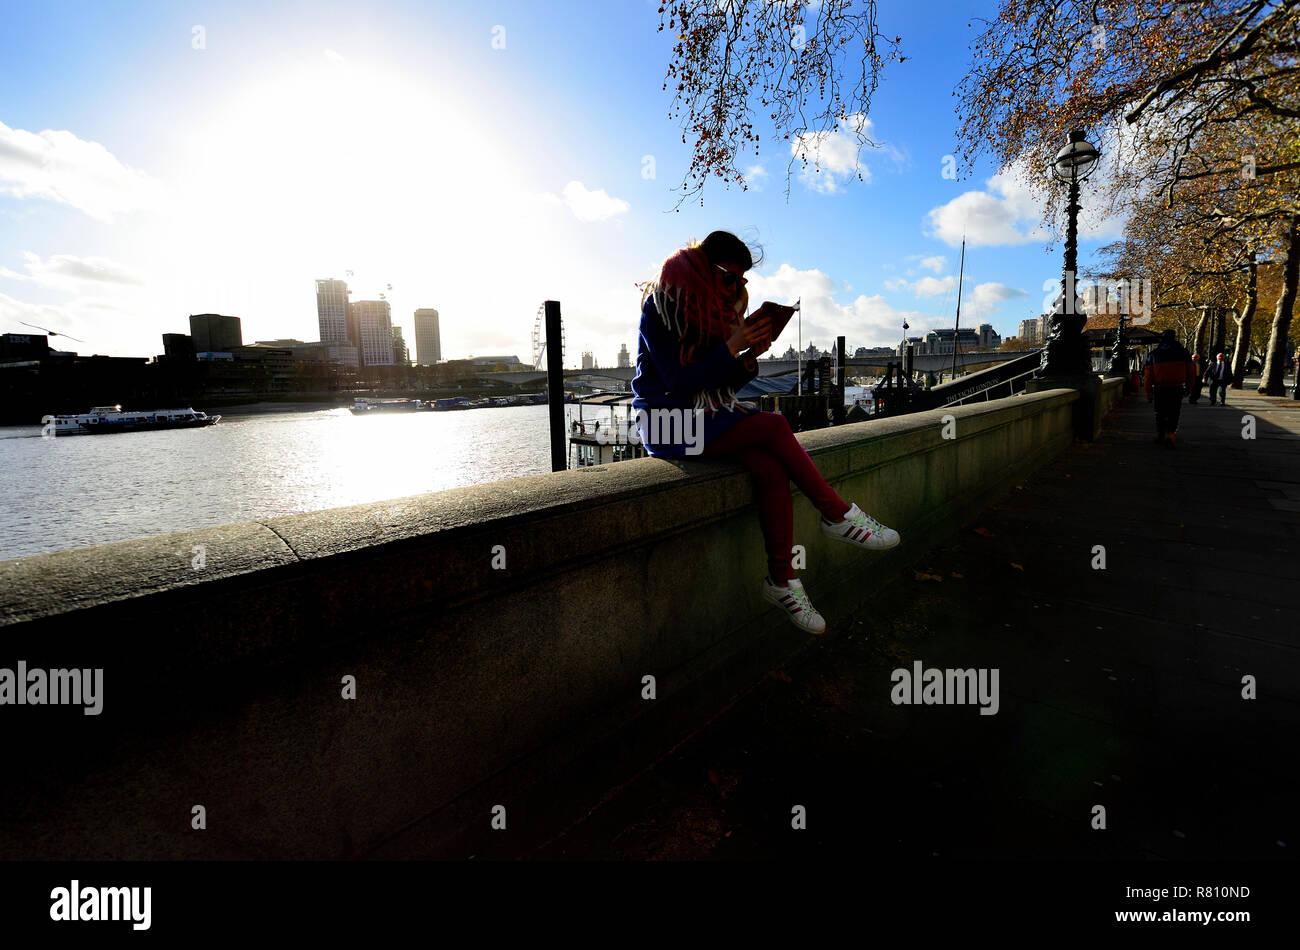 Giovane donna sul suo telefono cellulare, Victoria Embankment, Londra, Inghilterra, Regno Unito. Inverno Immagini Stock